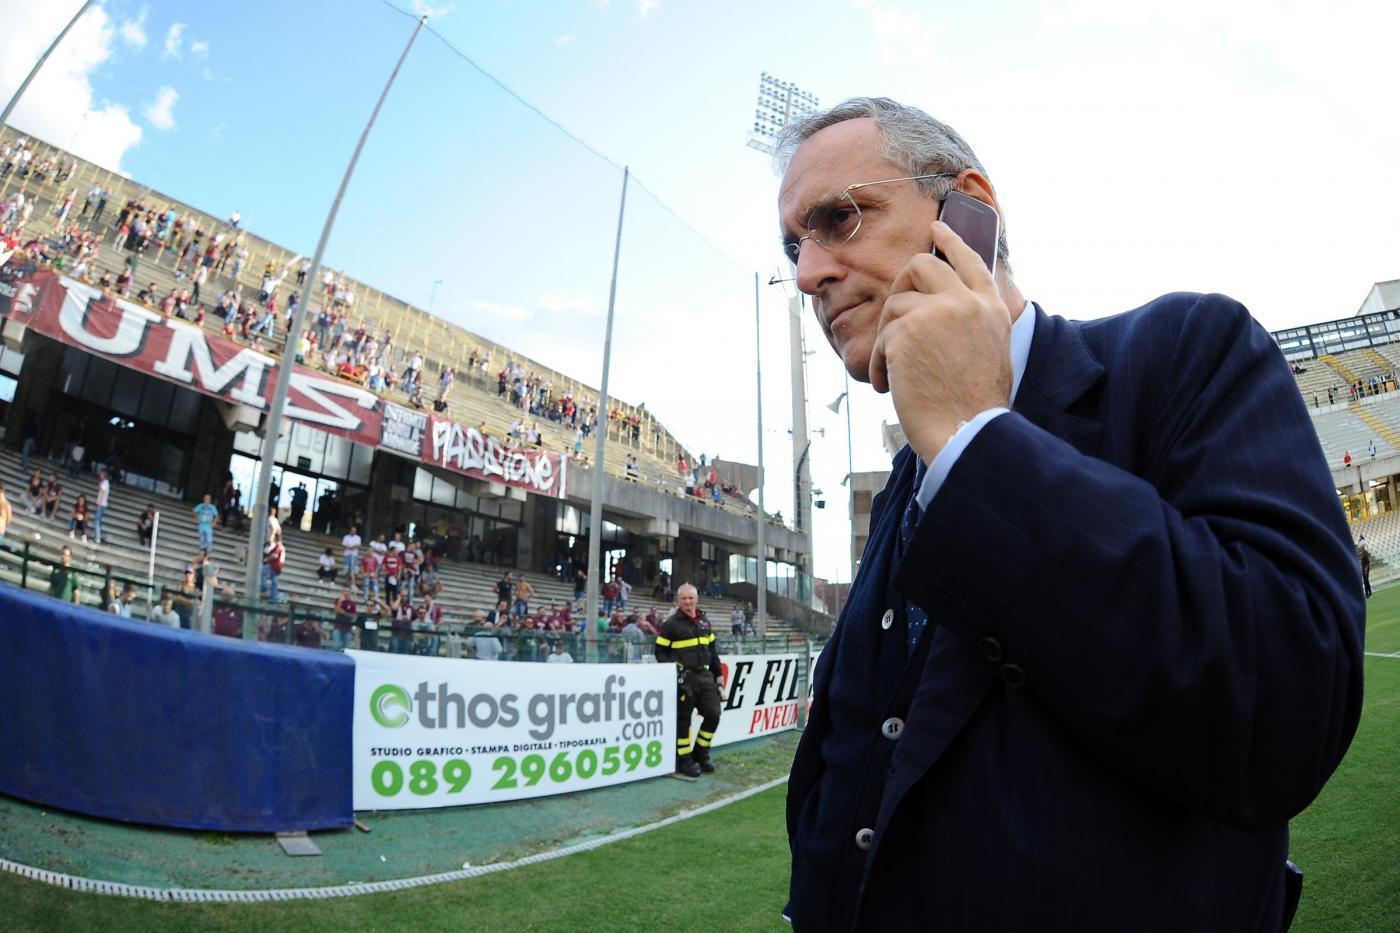 Lazio-Castagne: i biancocelesti trattano con l'Atalanta per l'esterno belga. Possibile anche l'inserimento di contropartite